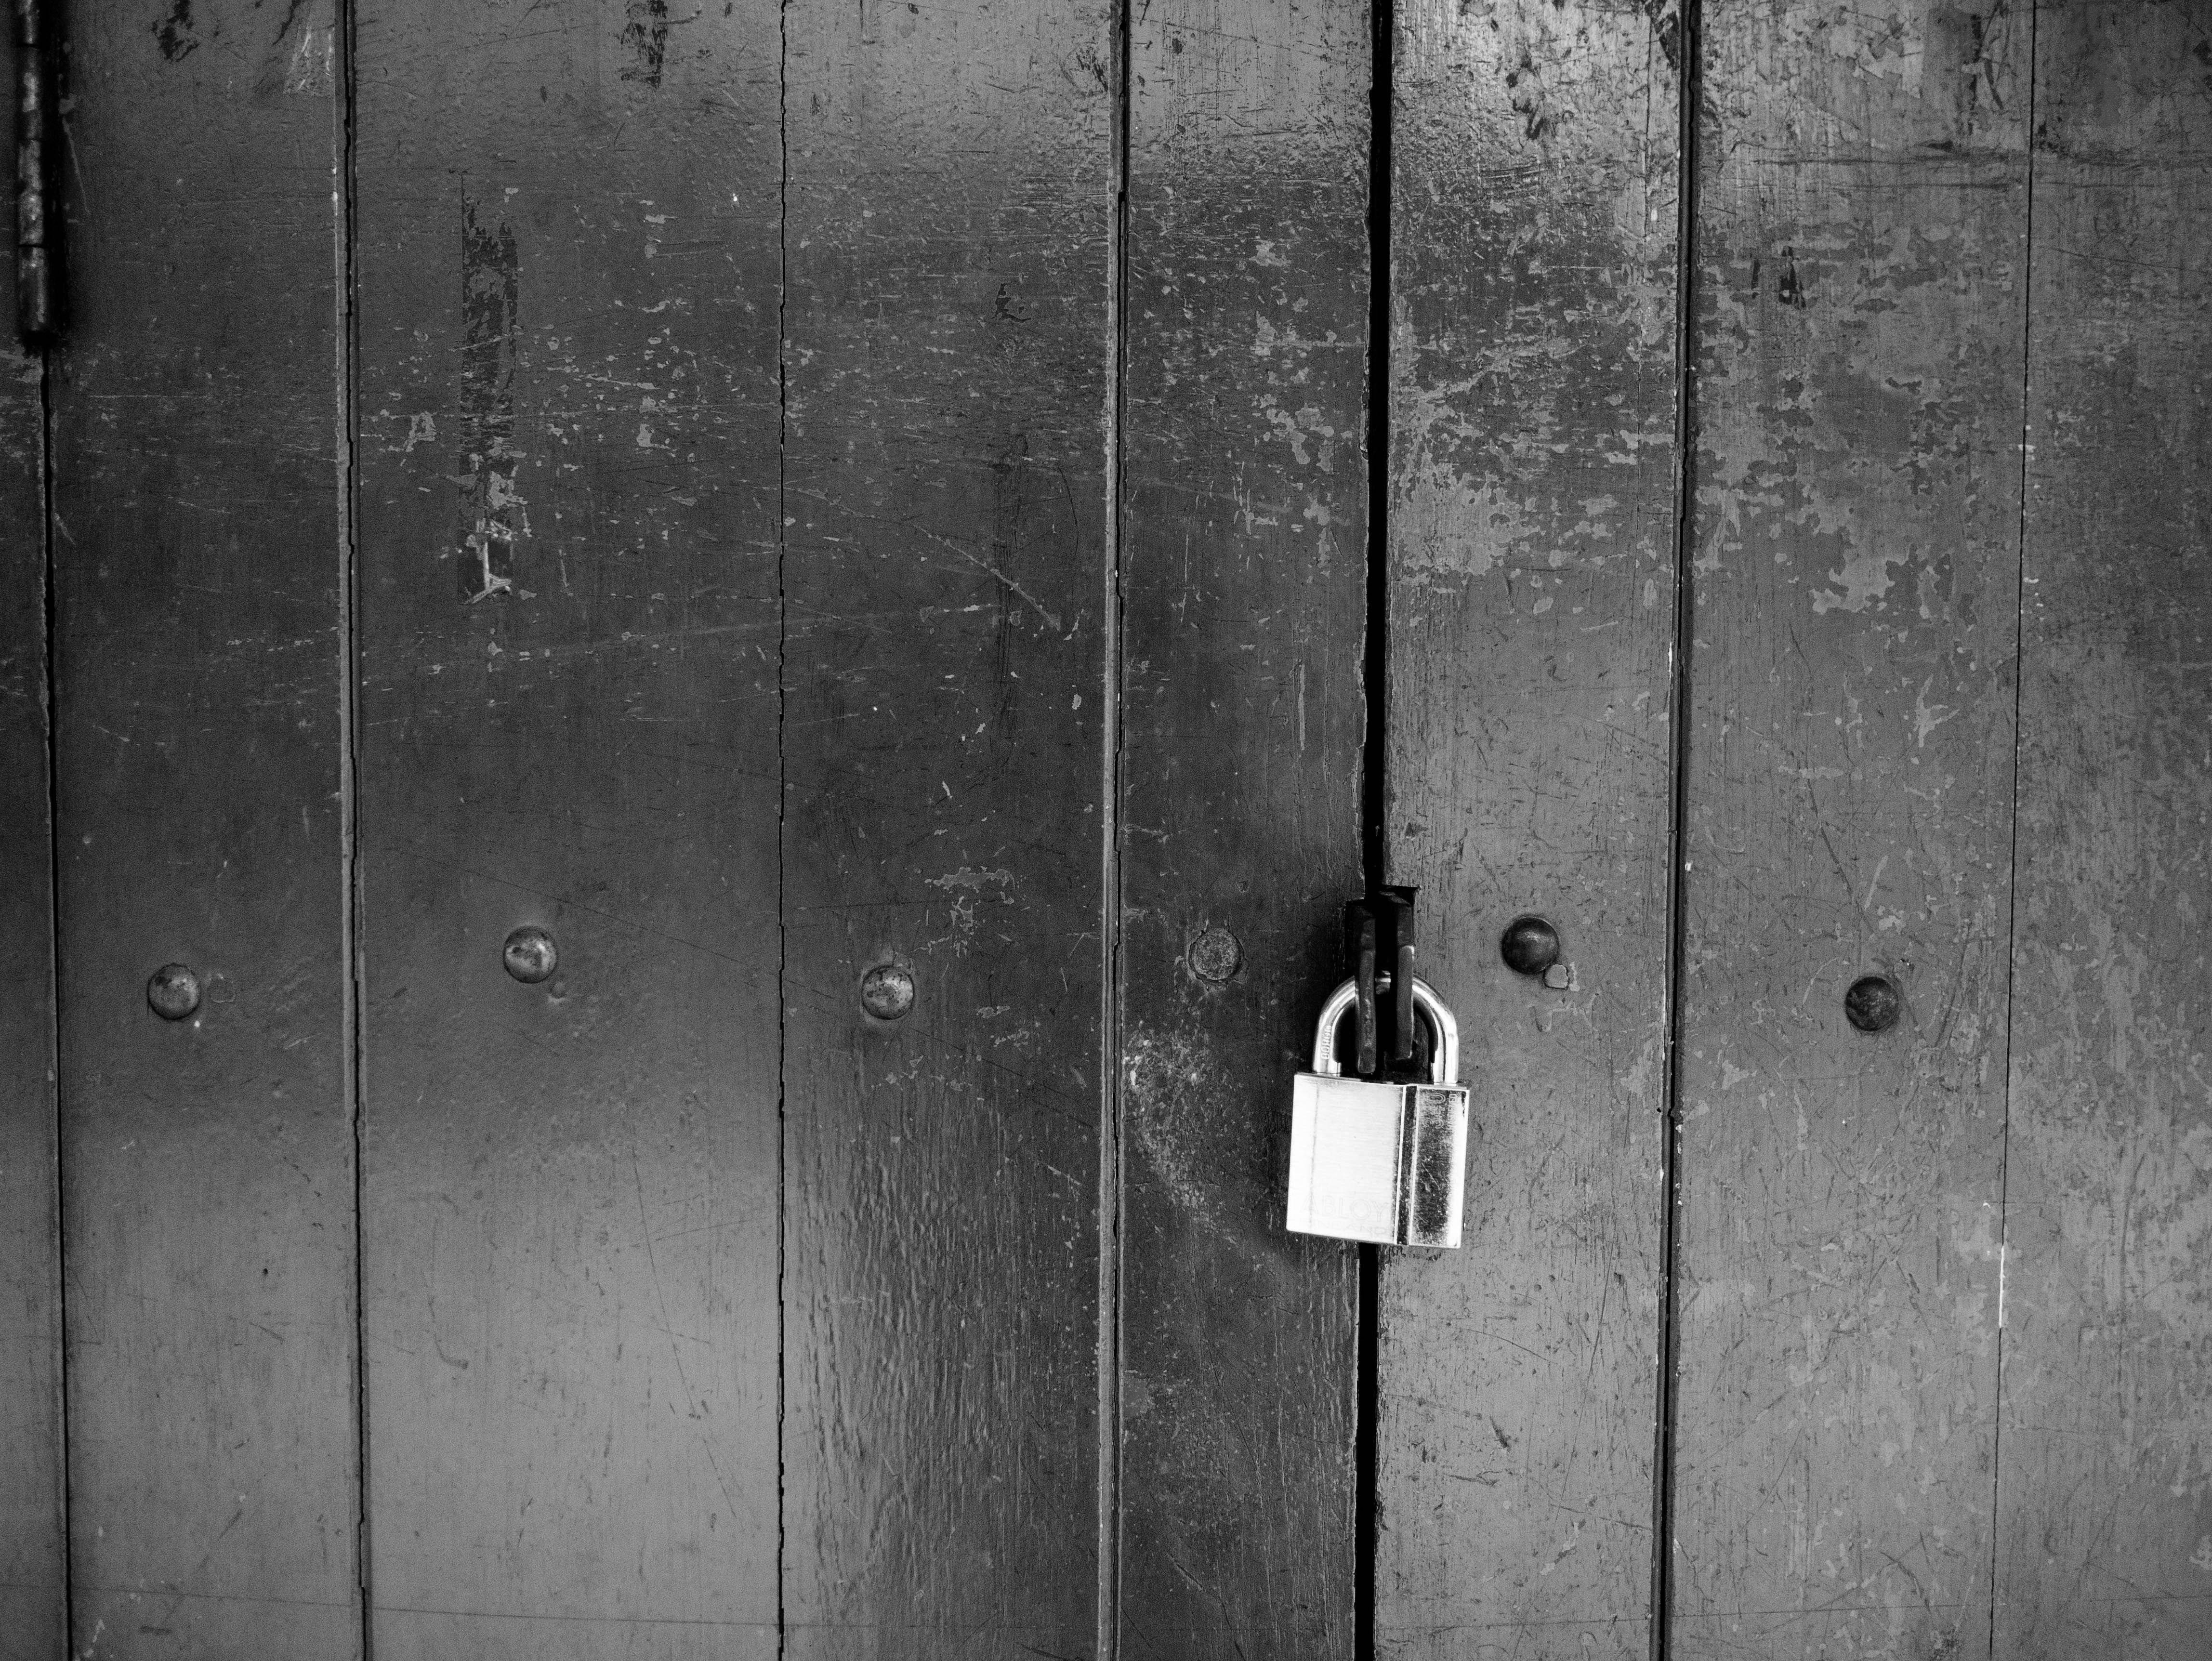 locked_10.jpg